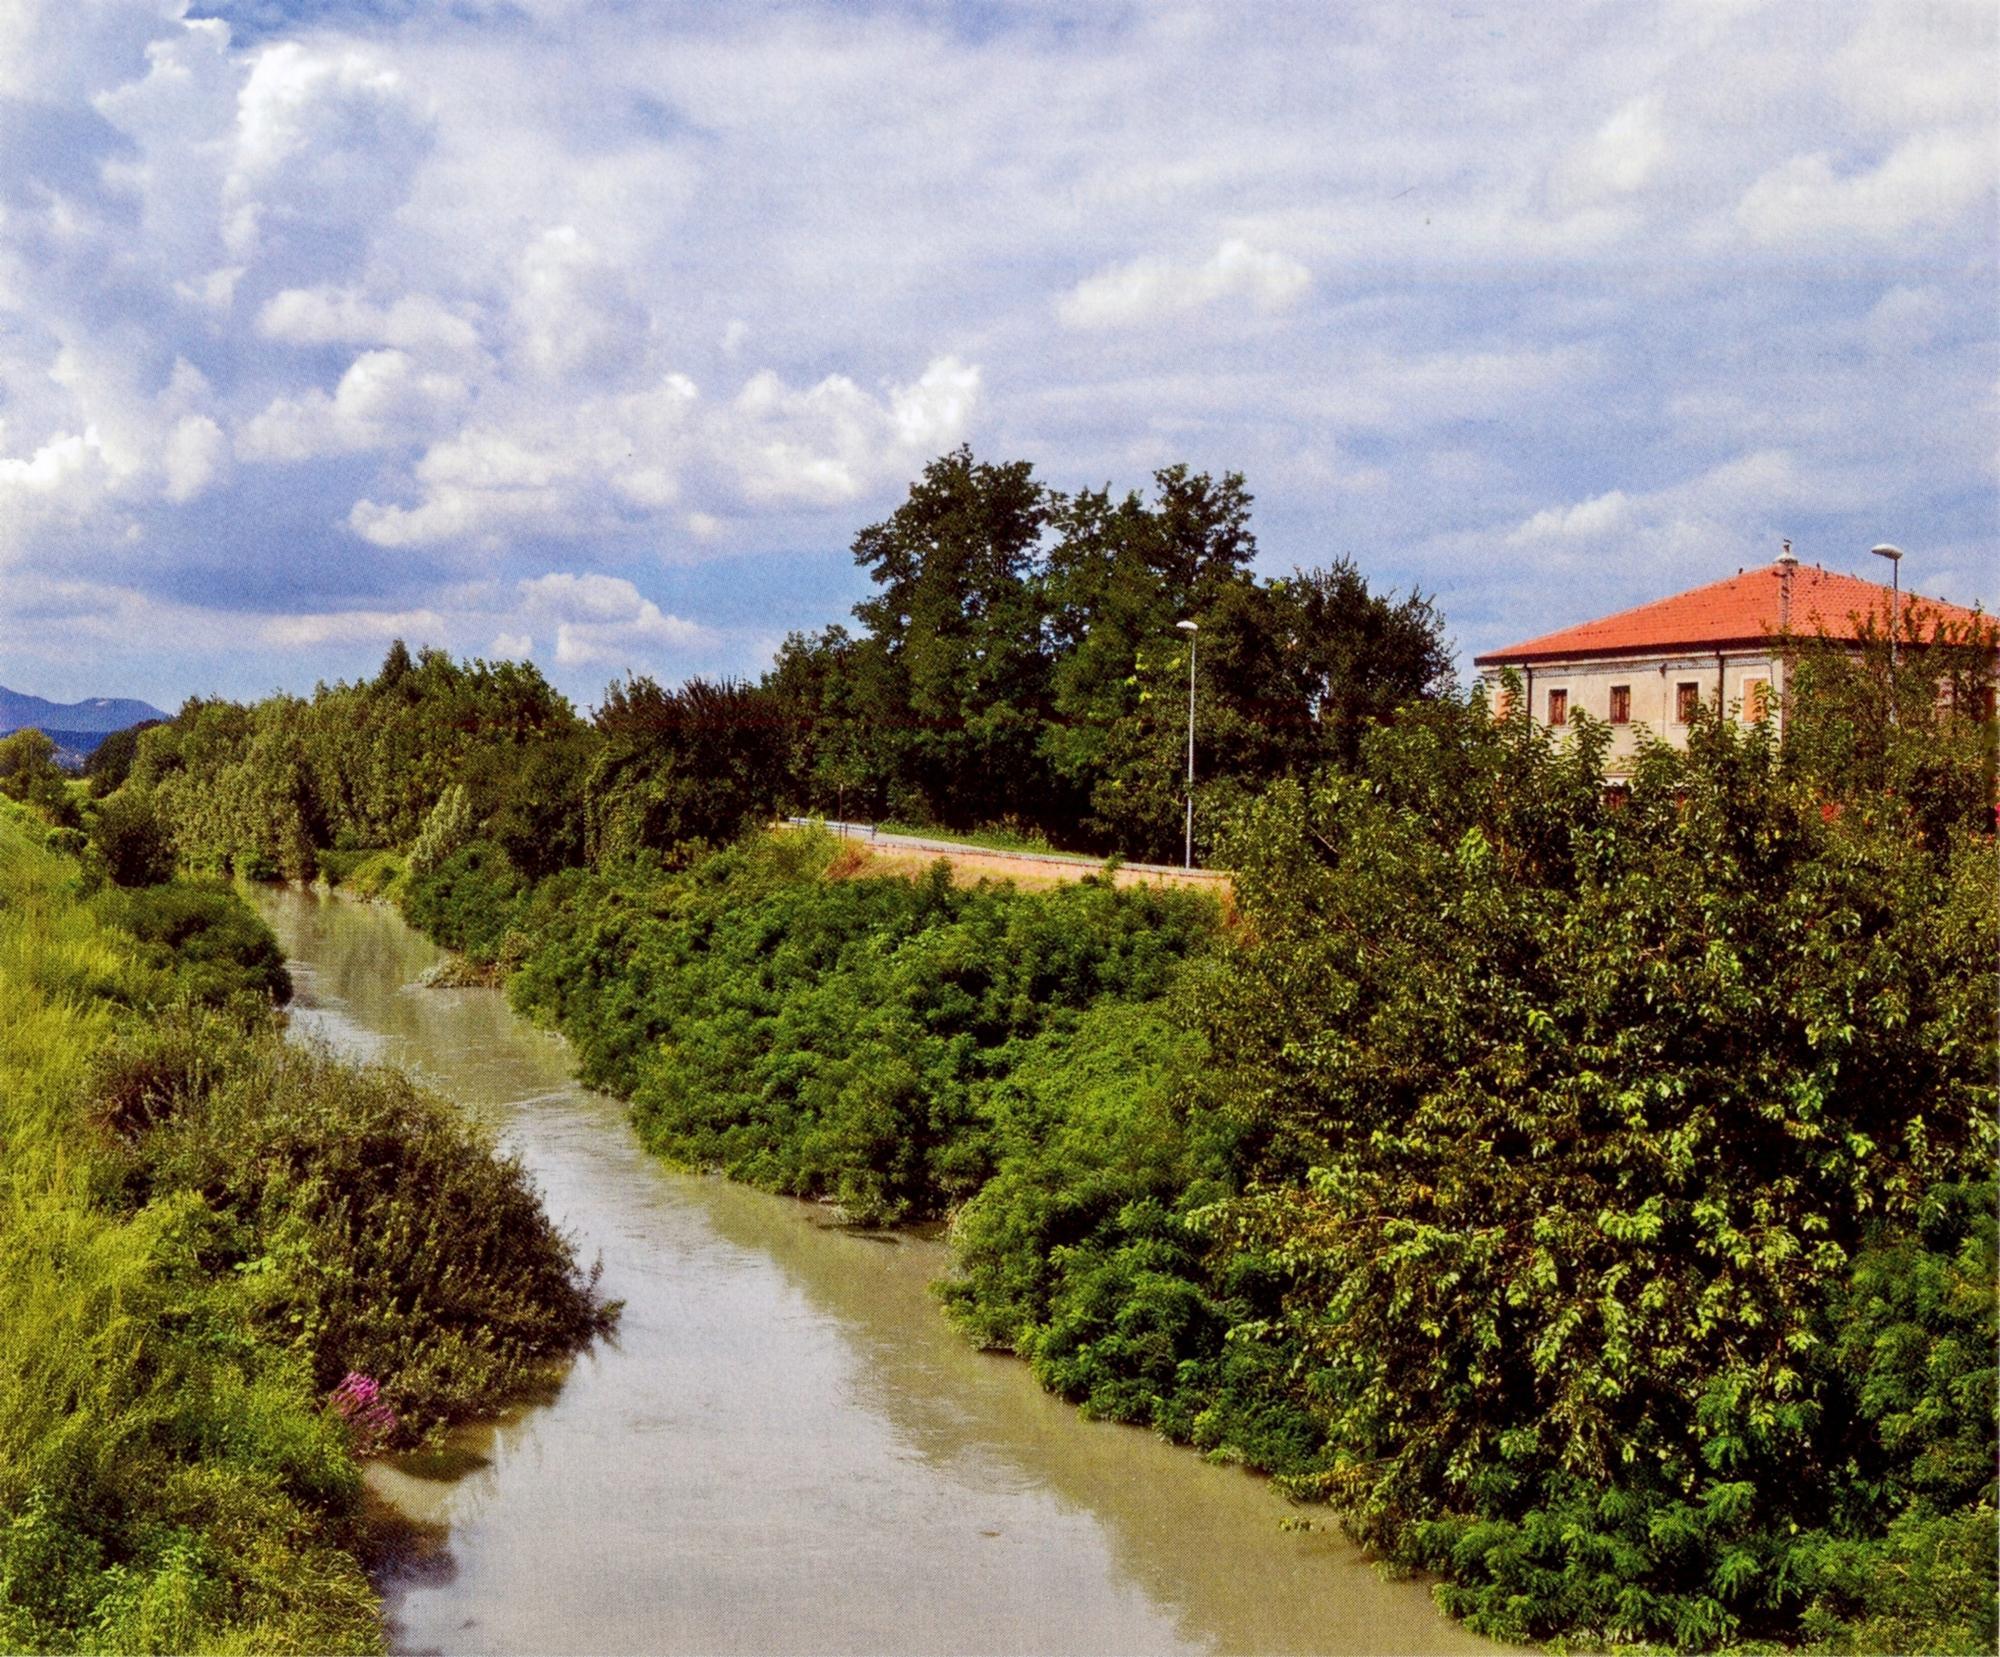 Praticato lungo il percorso delle vie d'acqua, il cicloturismo può divenire strumento di valorizzazione della bassa pianura.